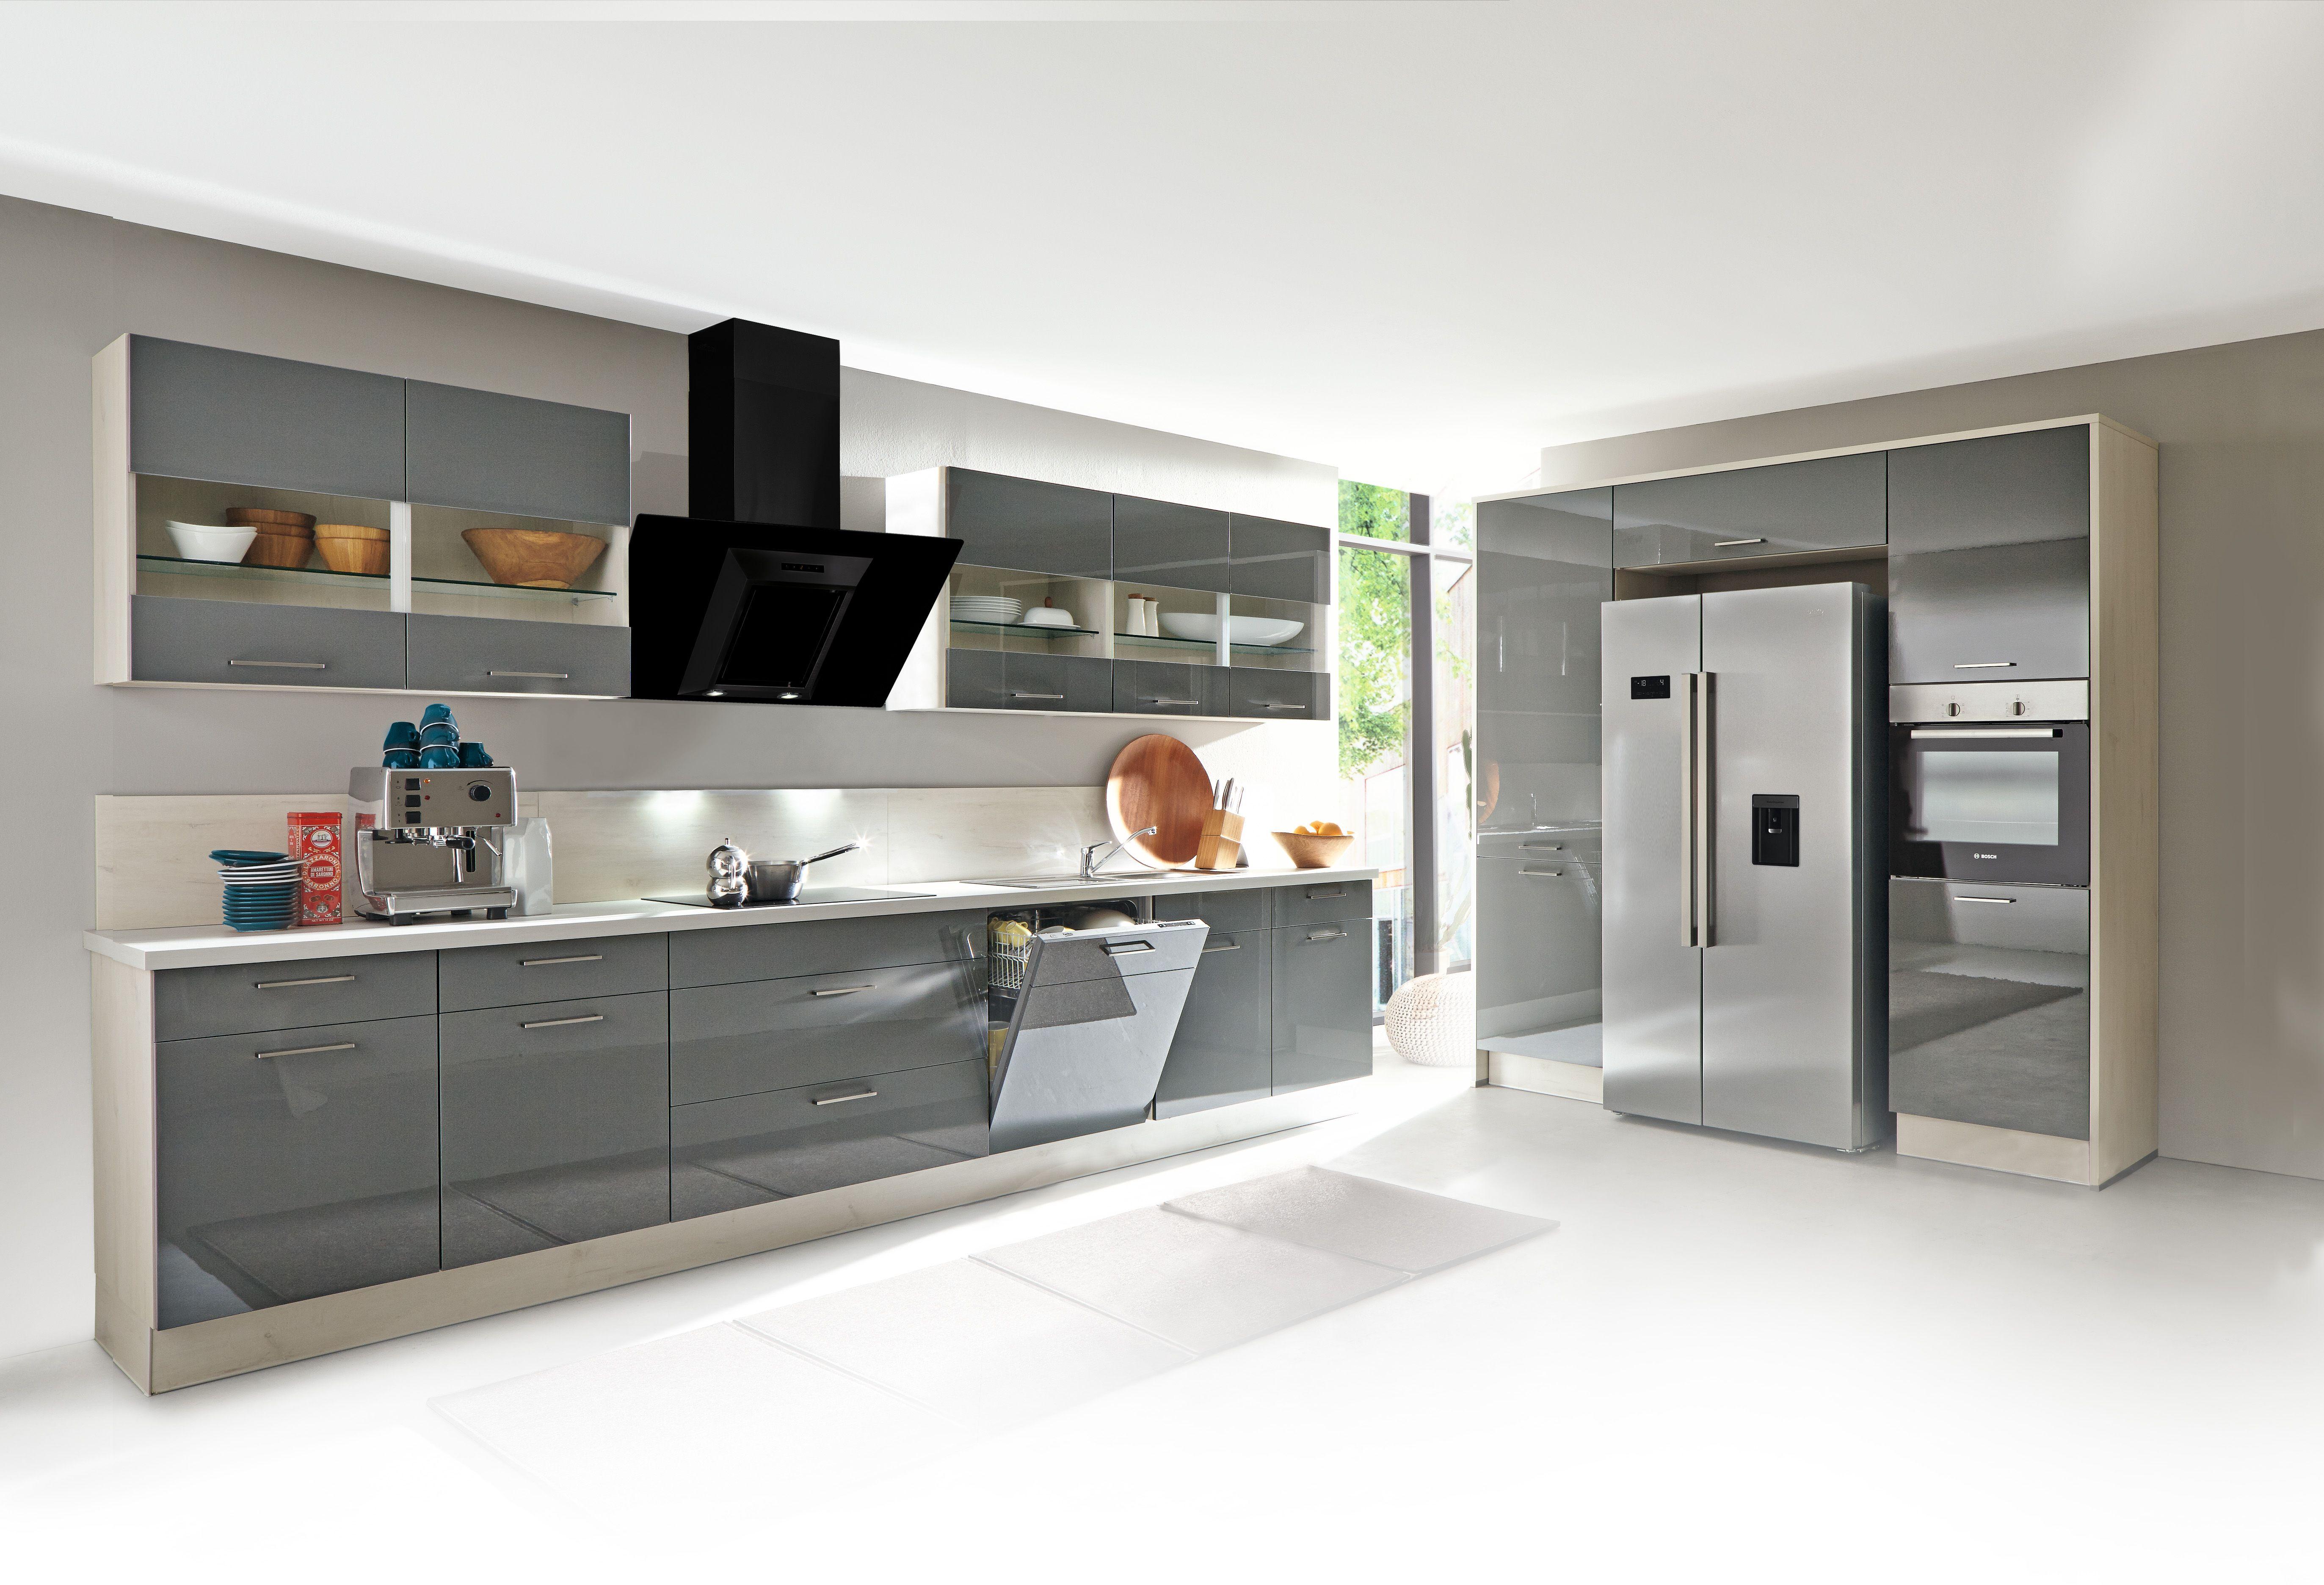 eine klare formensprache und durchdachte ausstattung machen im alltag freude alles ist schnell. Black Bedroom Furniture Sets. Home Design Ideas